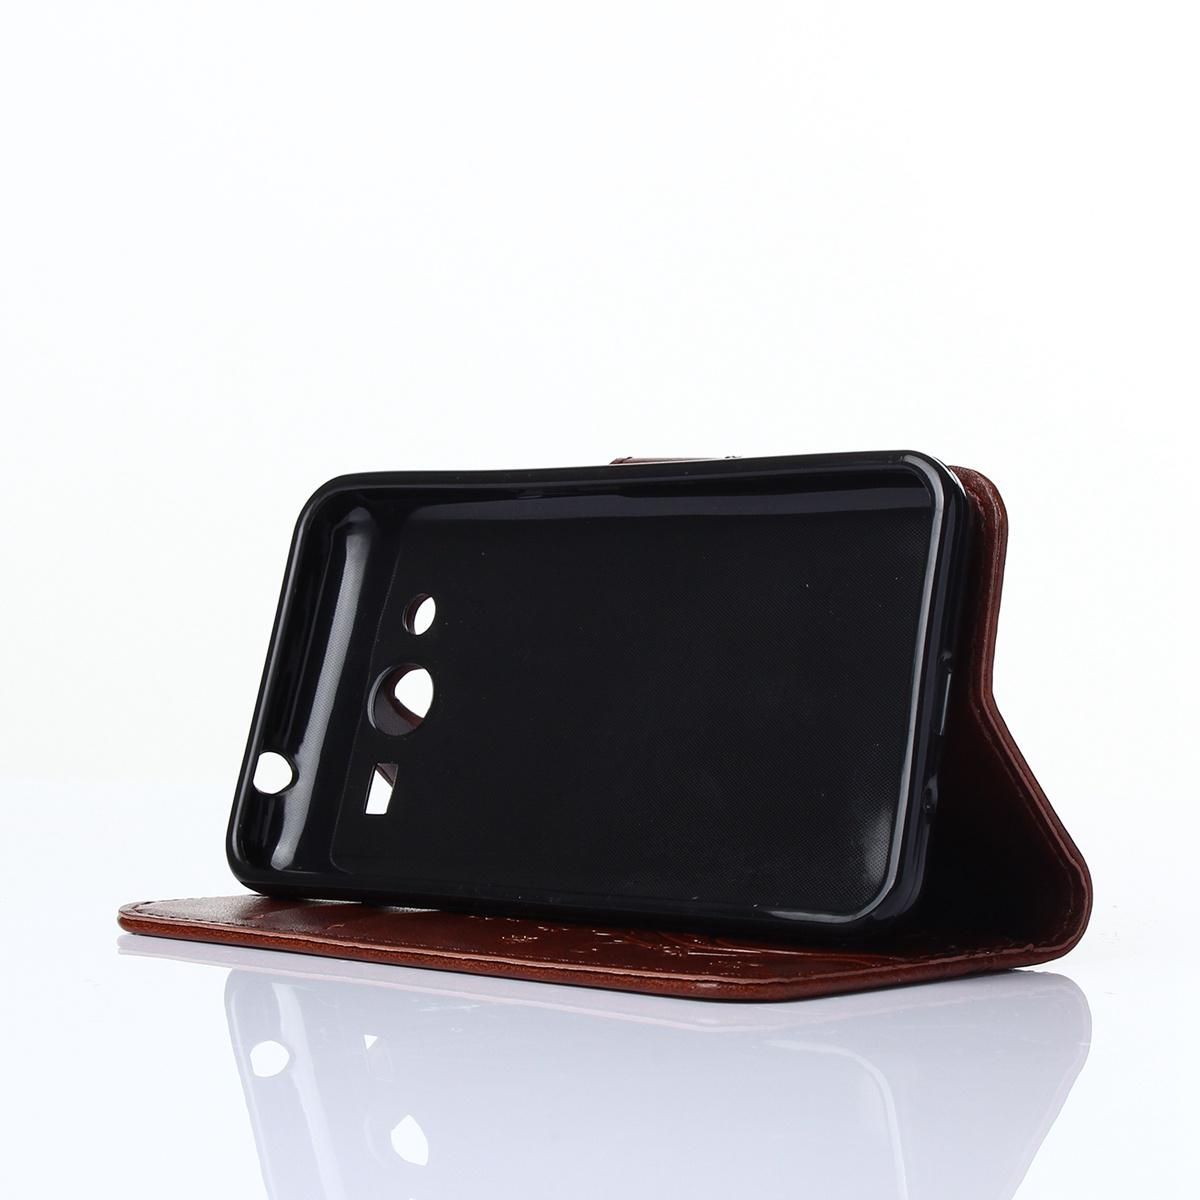 Для Samsung Galaxy Core 2 G355H Цветочная бабочка Pattern PU Кожаный чехол Flip Стойка Крышка карт памяти с магнитным закрытием (коричневый) все цены